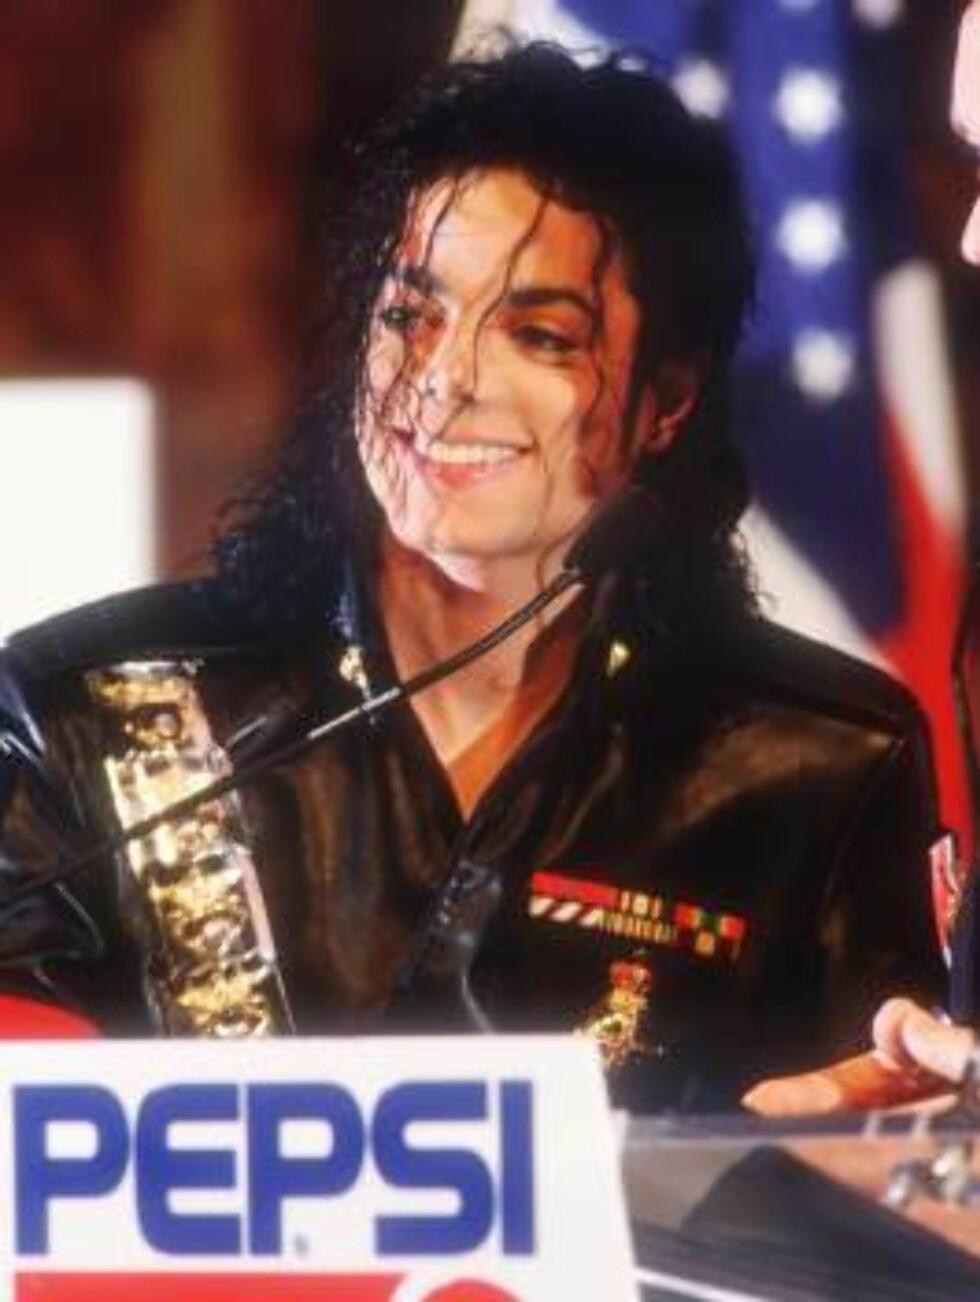 Eksentriske Michael Jackson. Foto: AP/Scanpix